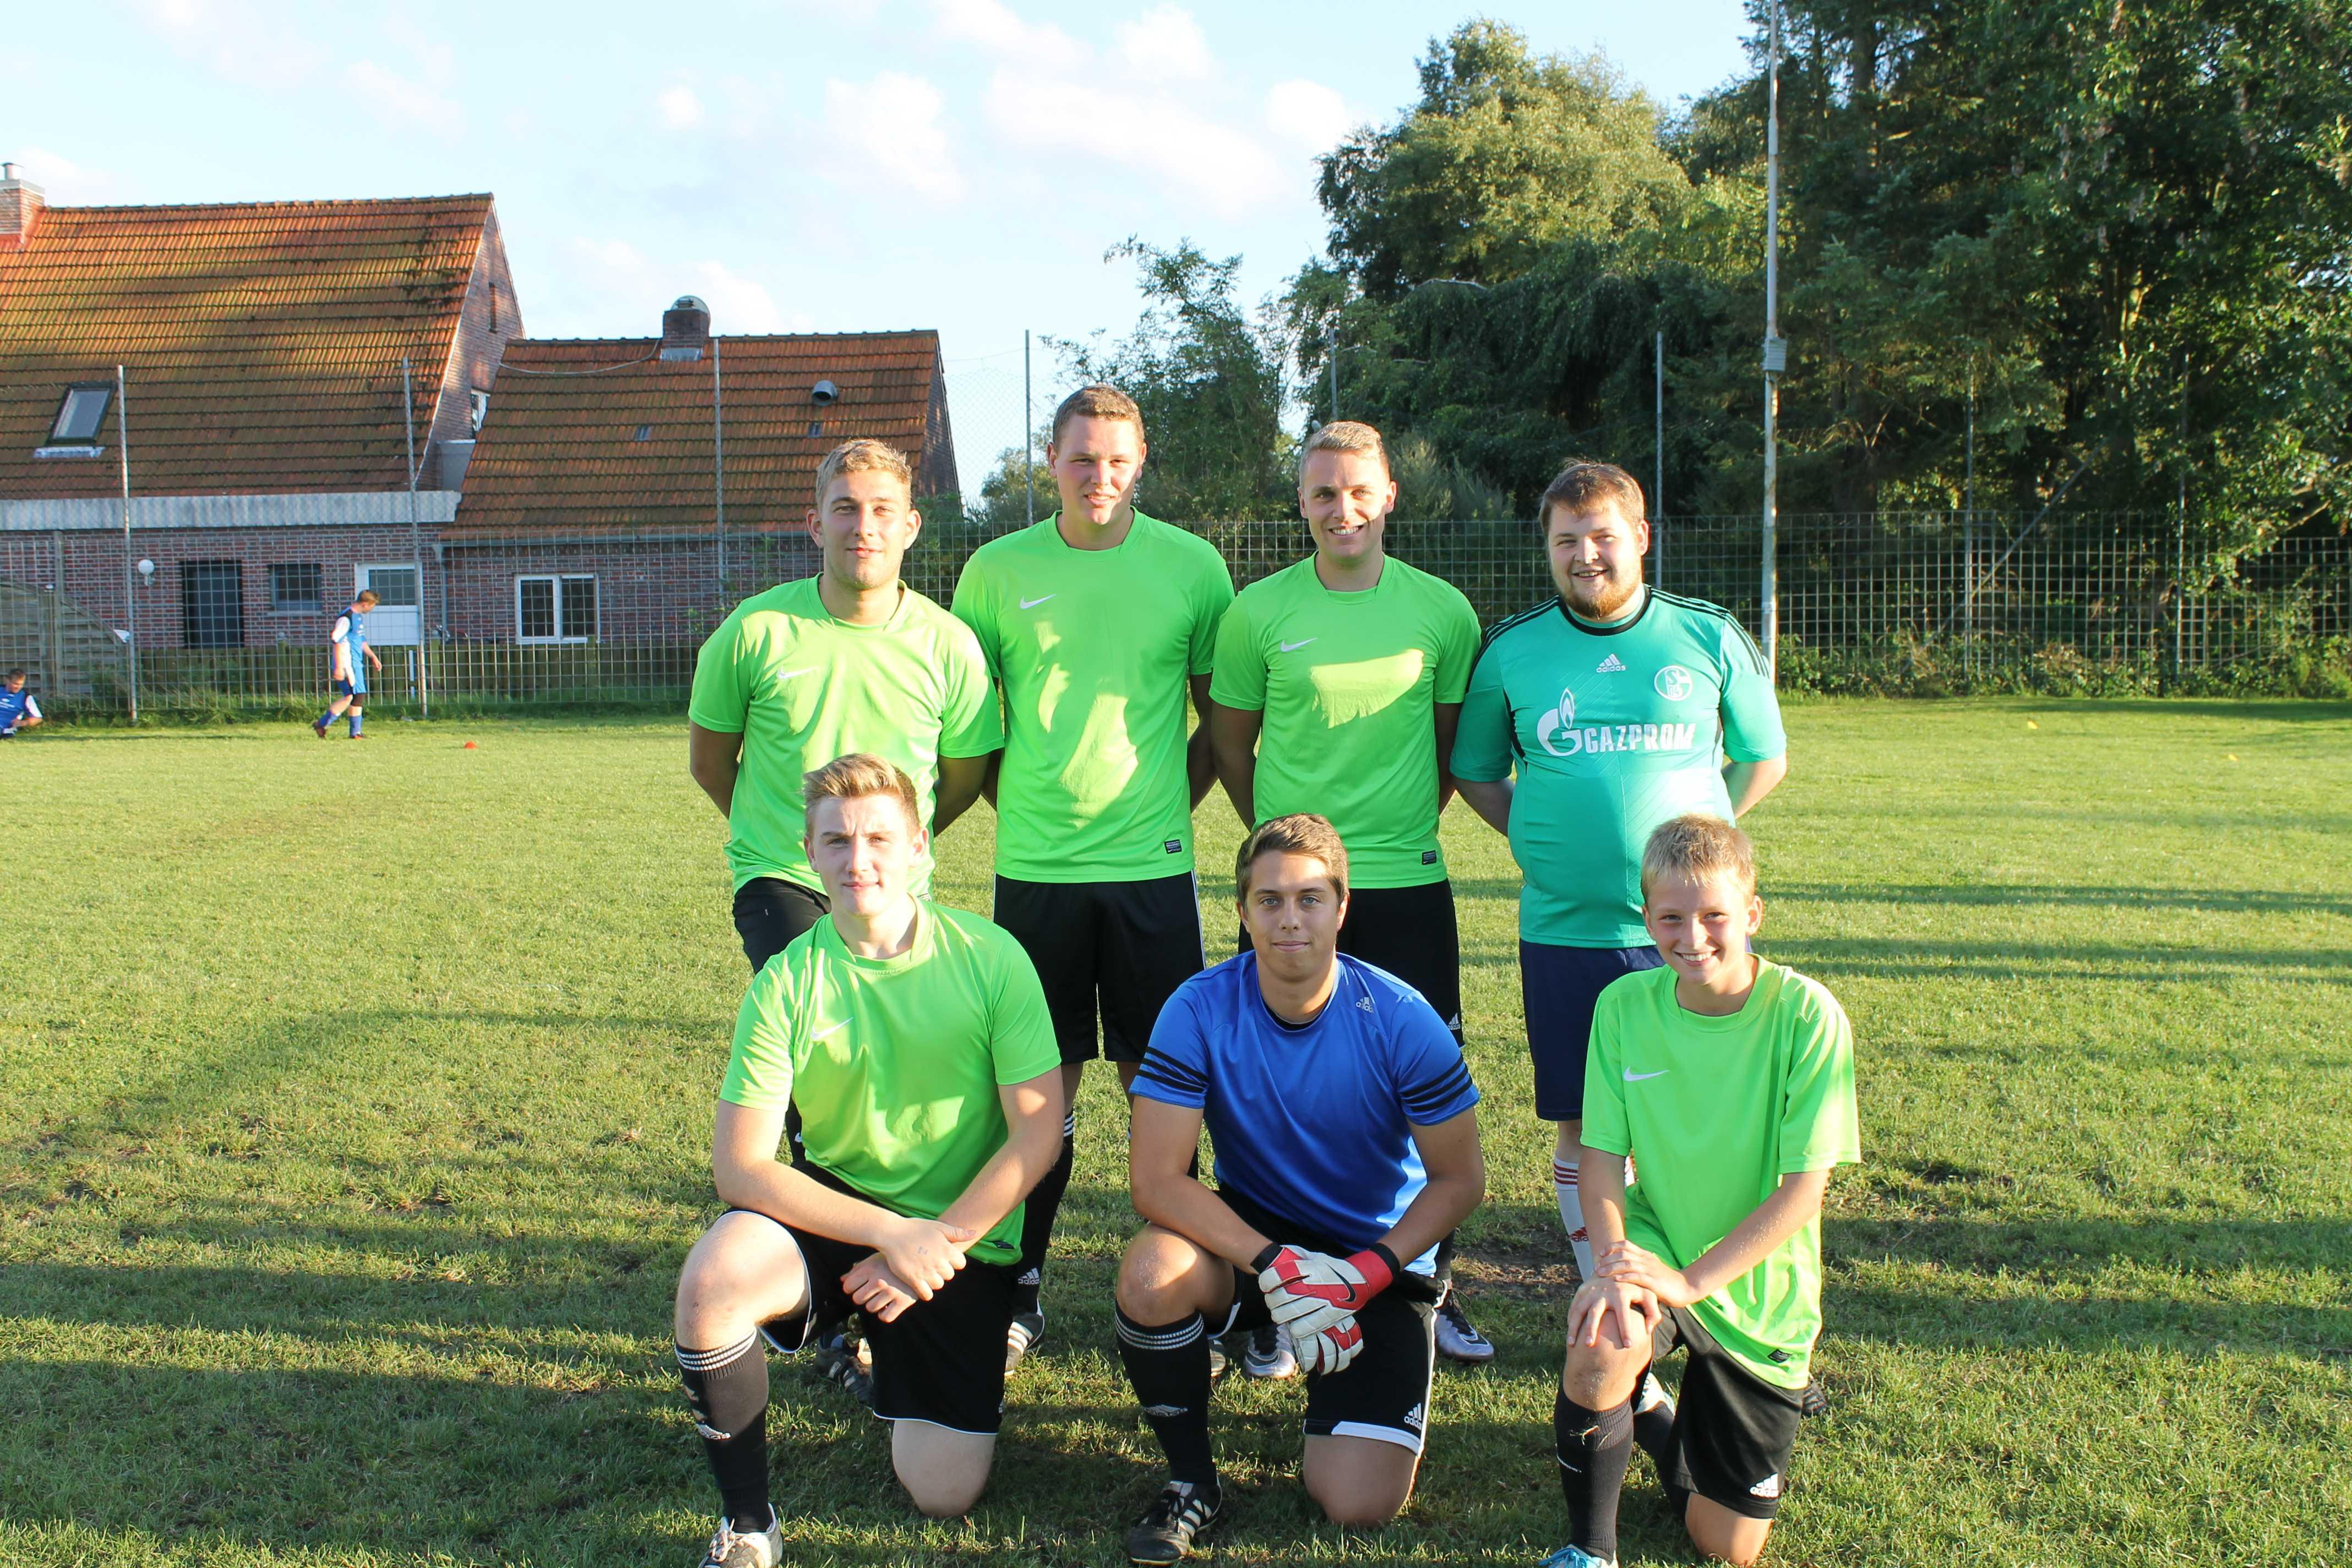 2016-08-06 Sportwoche - zweiter Samstag (17)